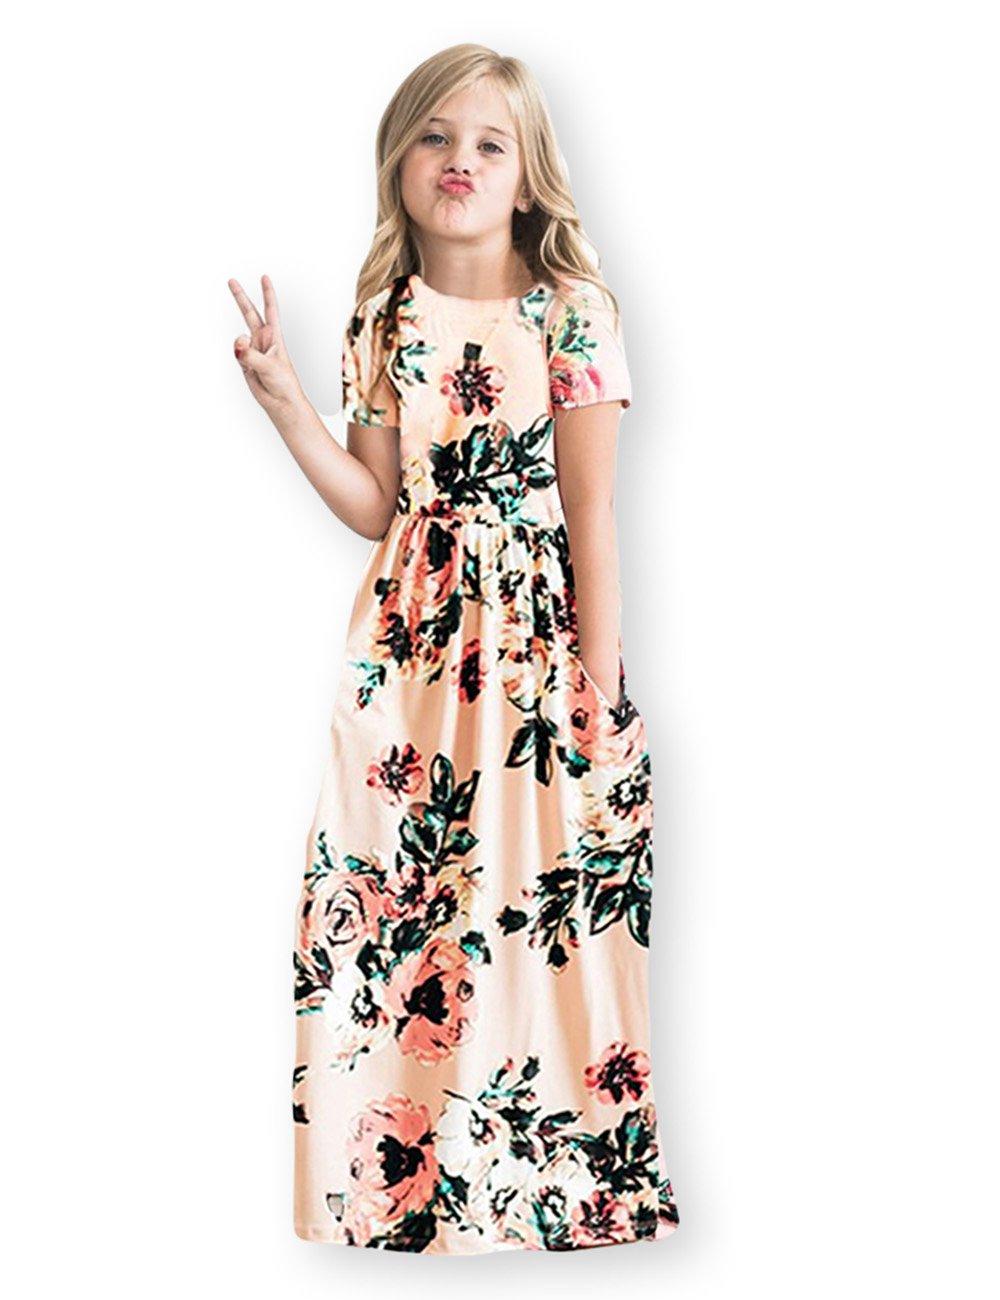 4776b4e41 Galleon - Kids Floral Maxi Dress Girls Summer Casual Pocket Long T-Shirt  Short Sleeve For Kids 6-12